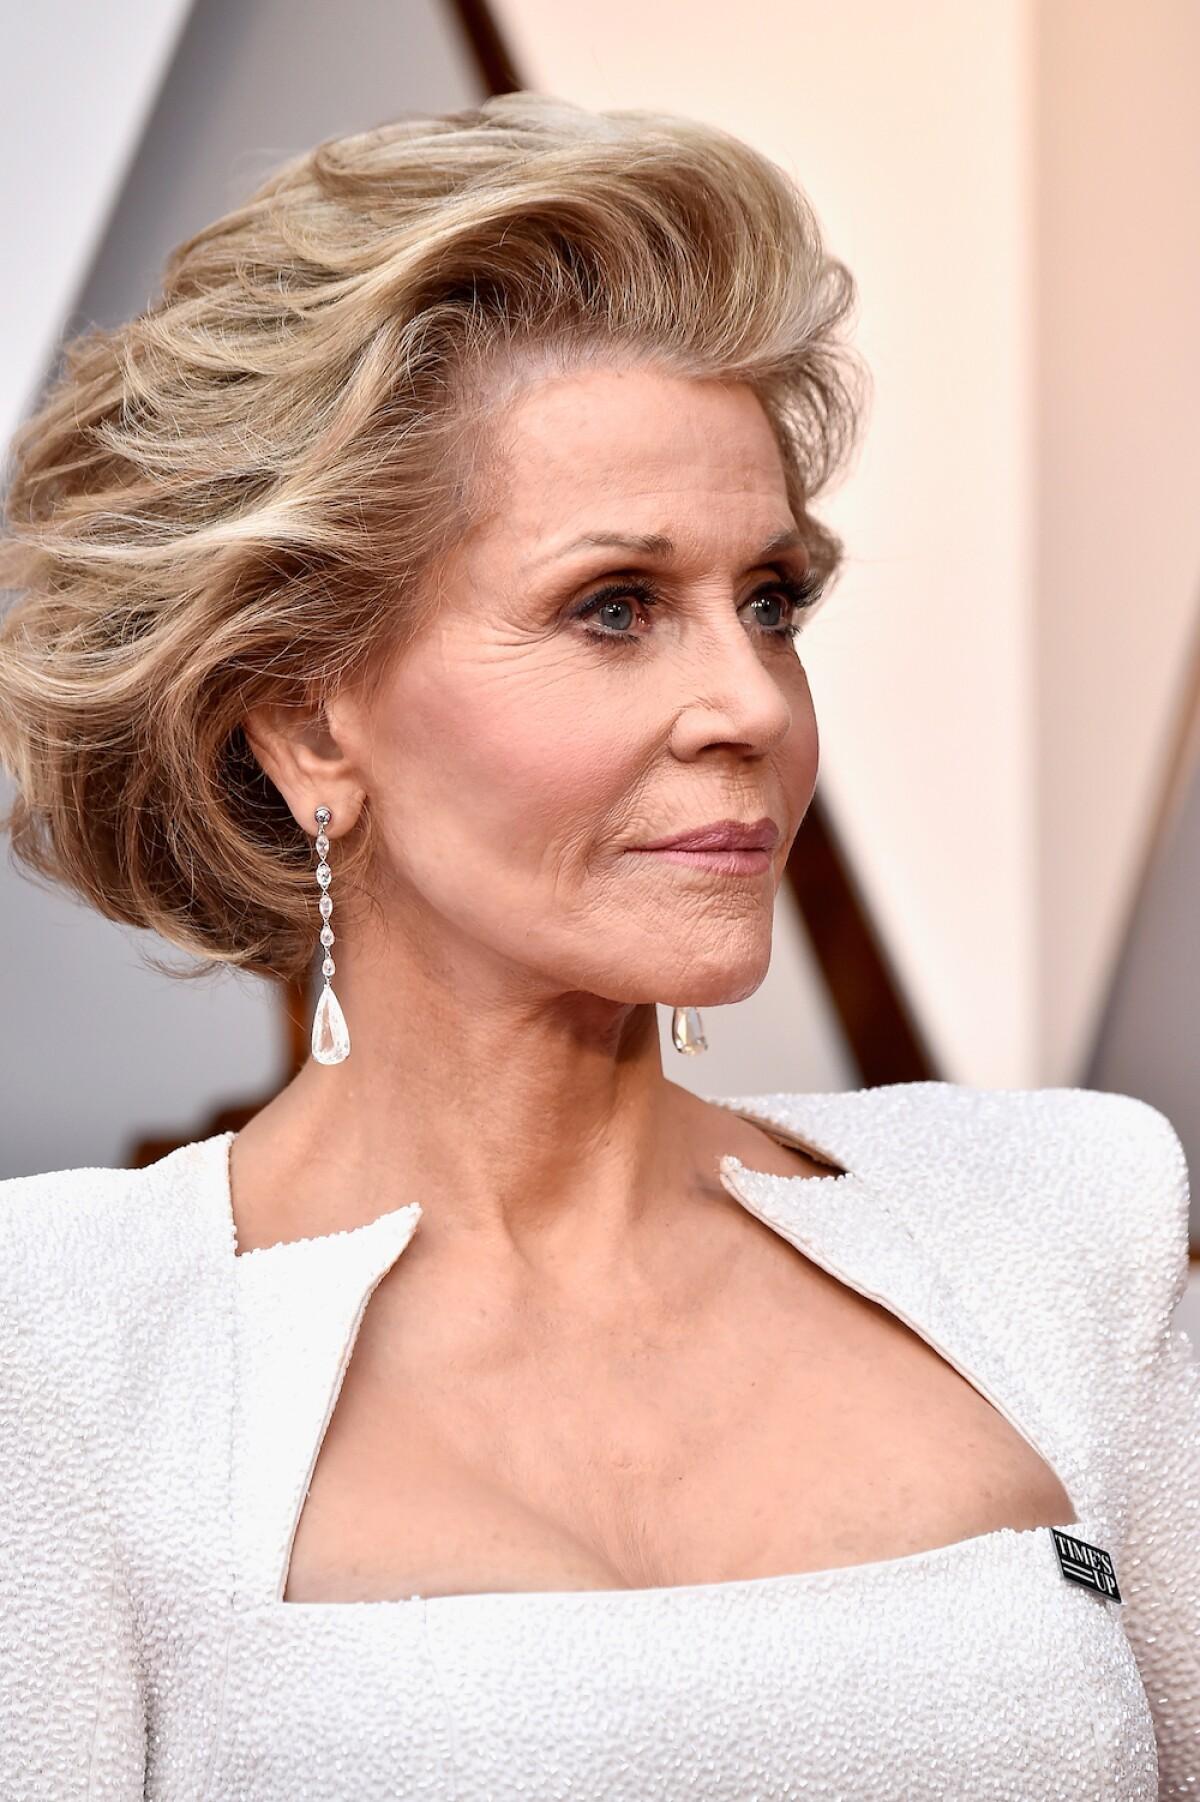 A sus 82 años, Jane Fonda se pone fit en TikTok (y tú poniendo pretextos)